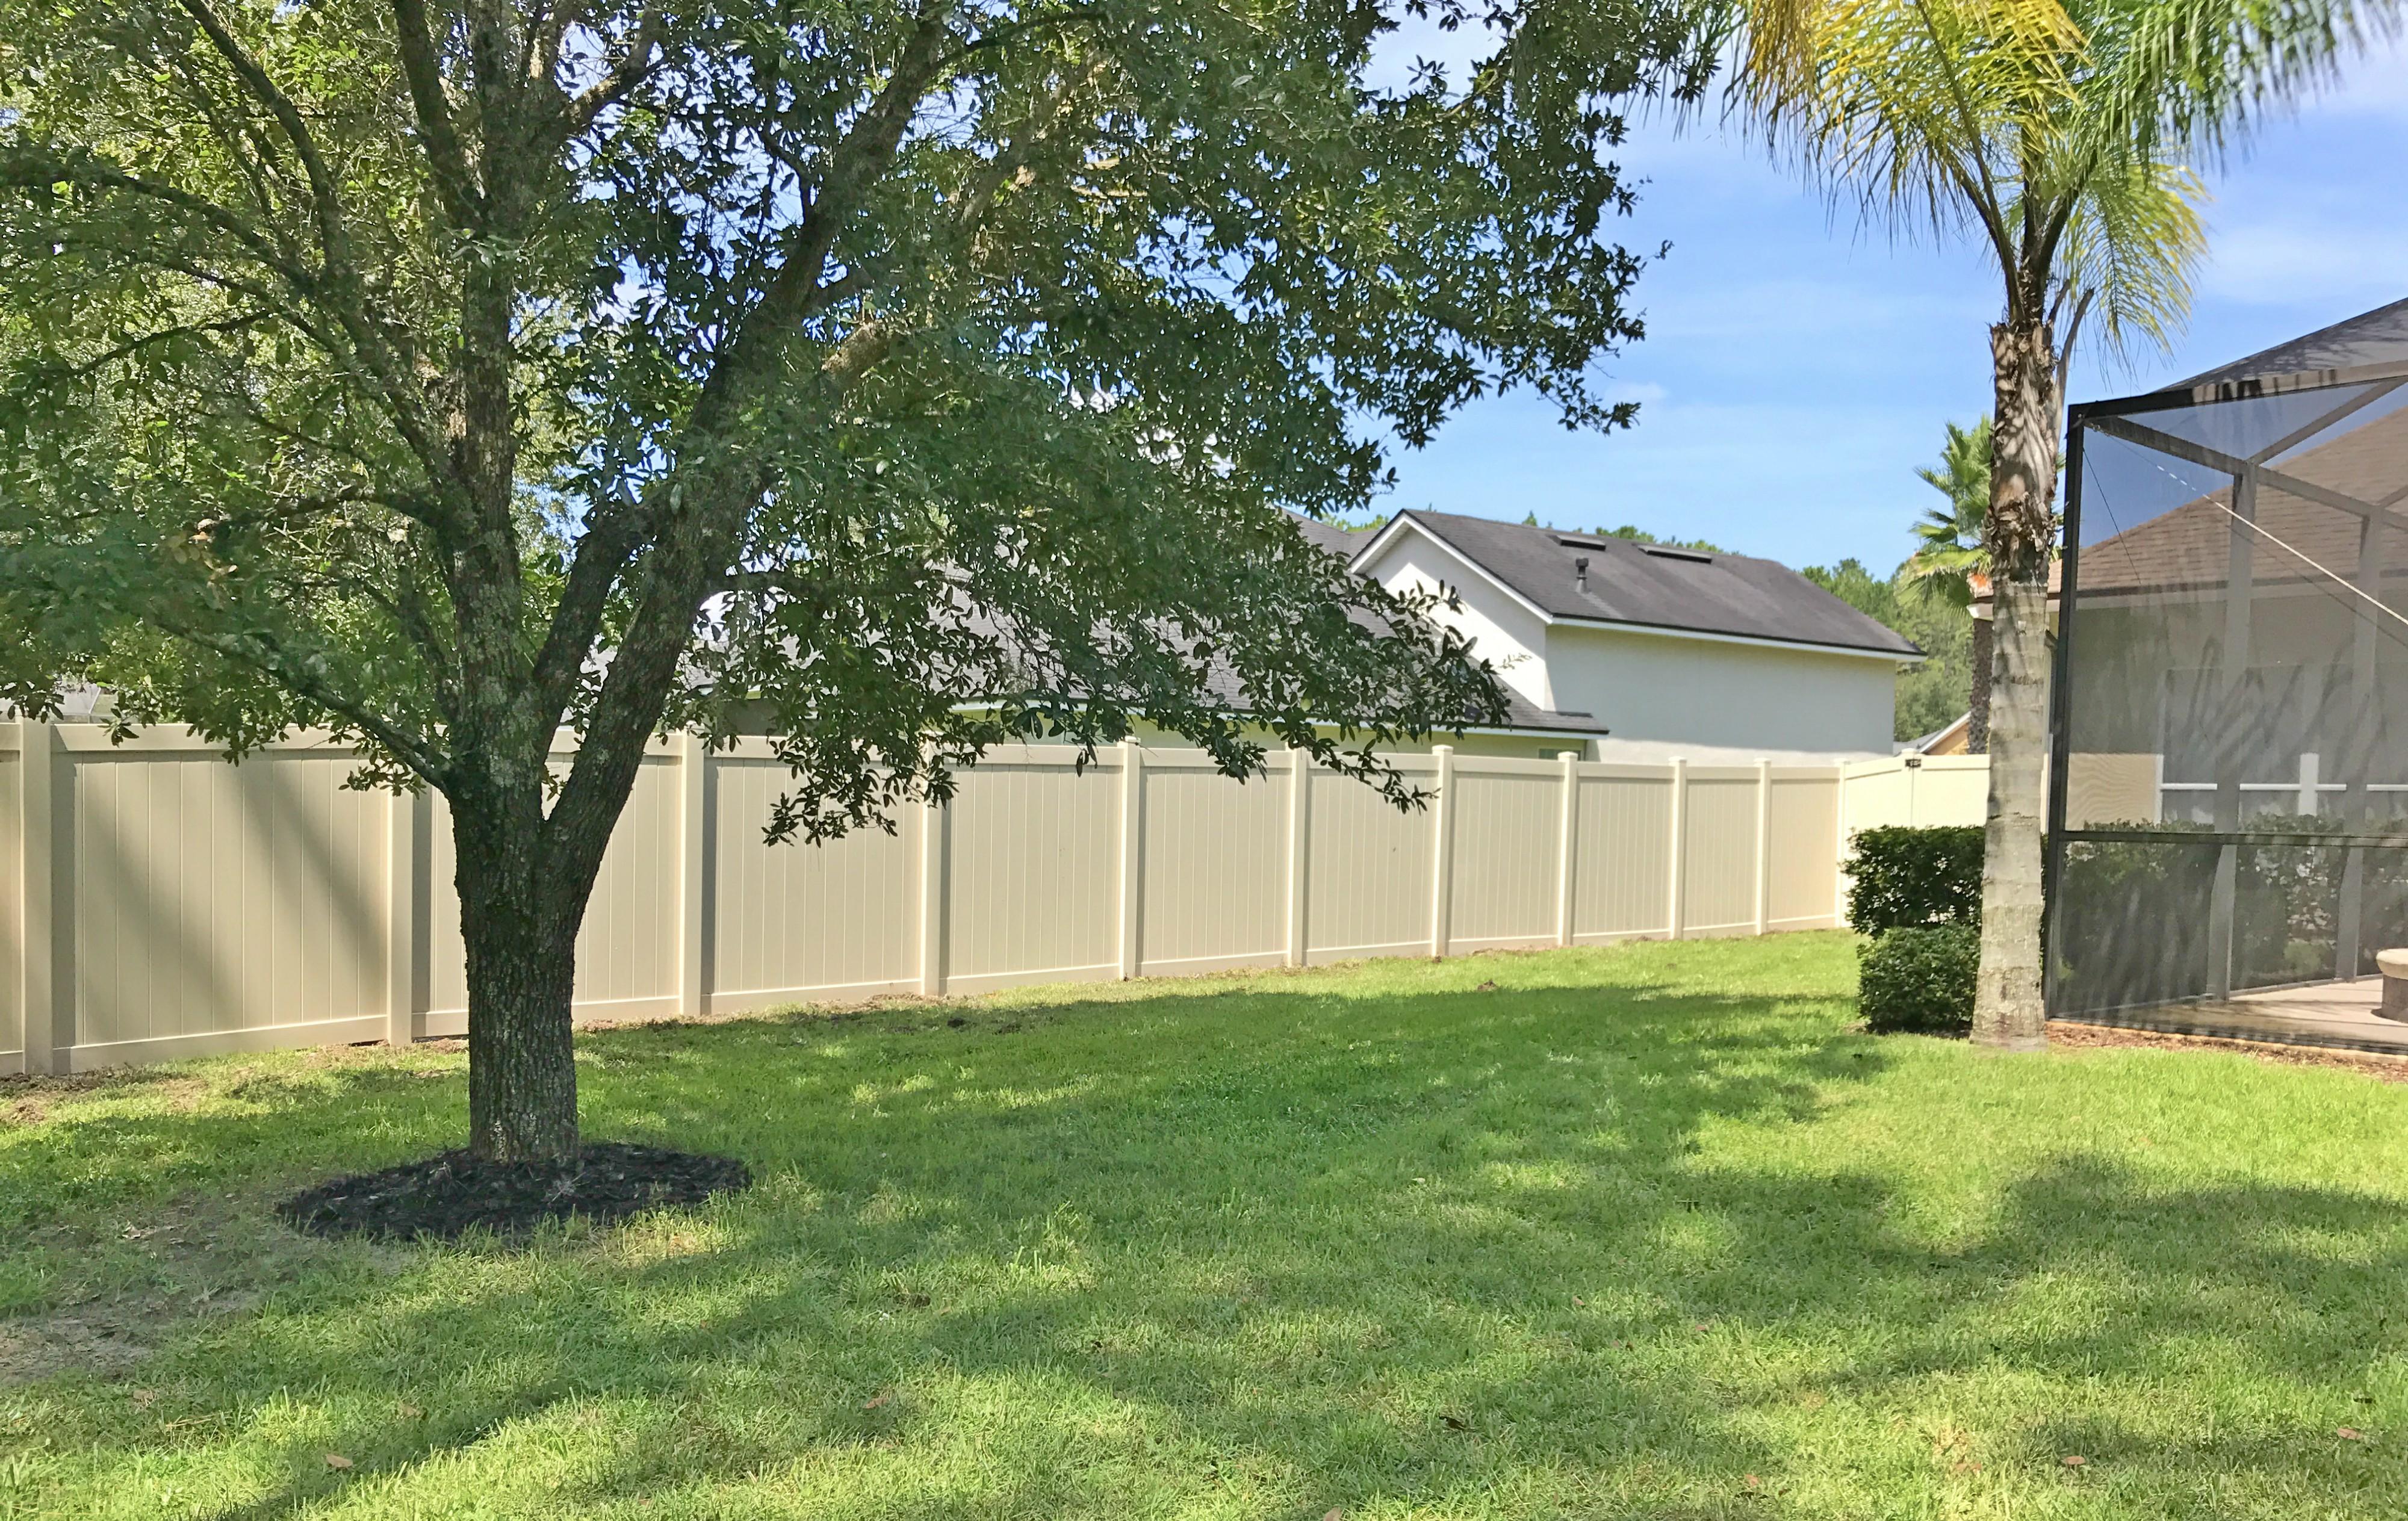 Vinyl Fence Orlando Florida Vinyl Fence Company In